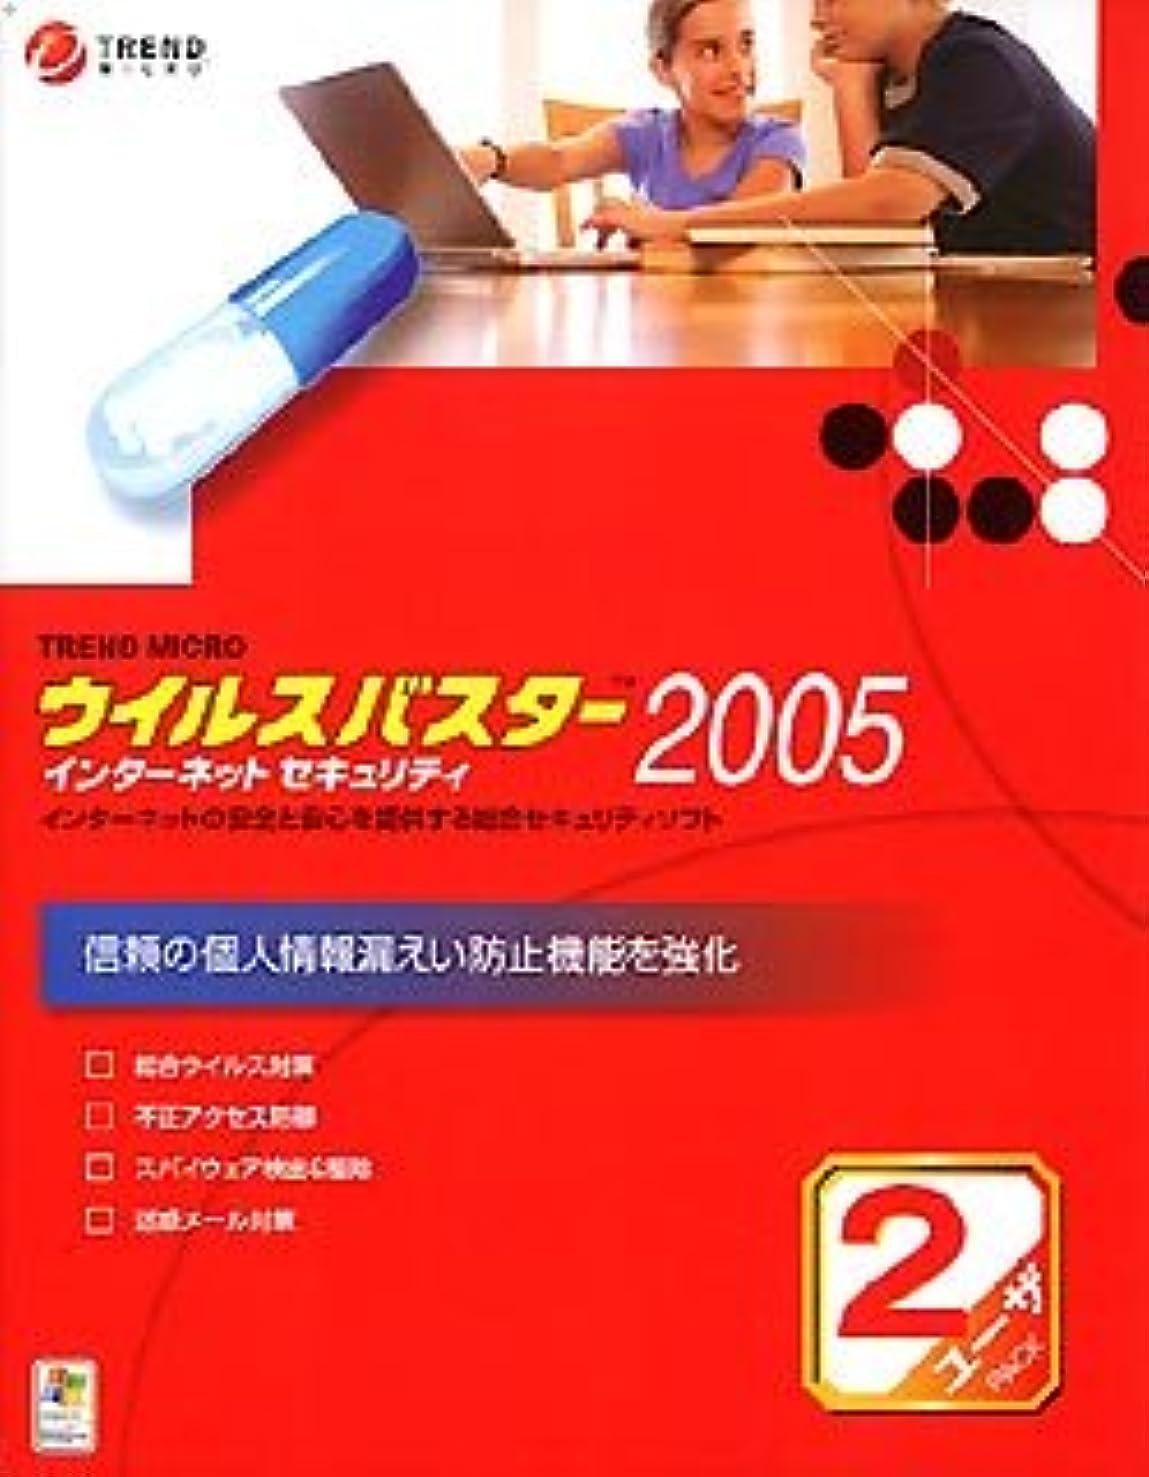 睡眠ジョリー収縮ウイルスバスター 2005 インターネットセキュリティ 2ユーザパック